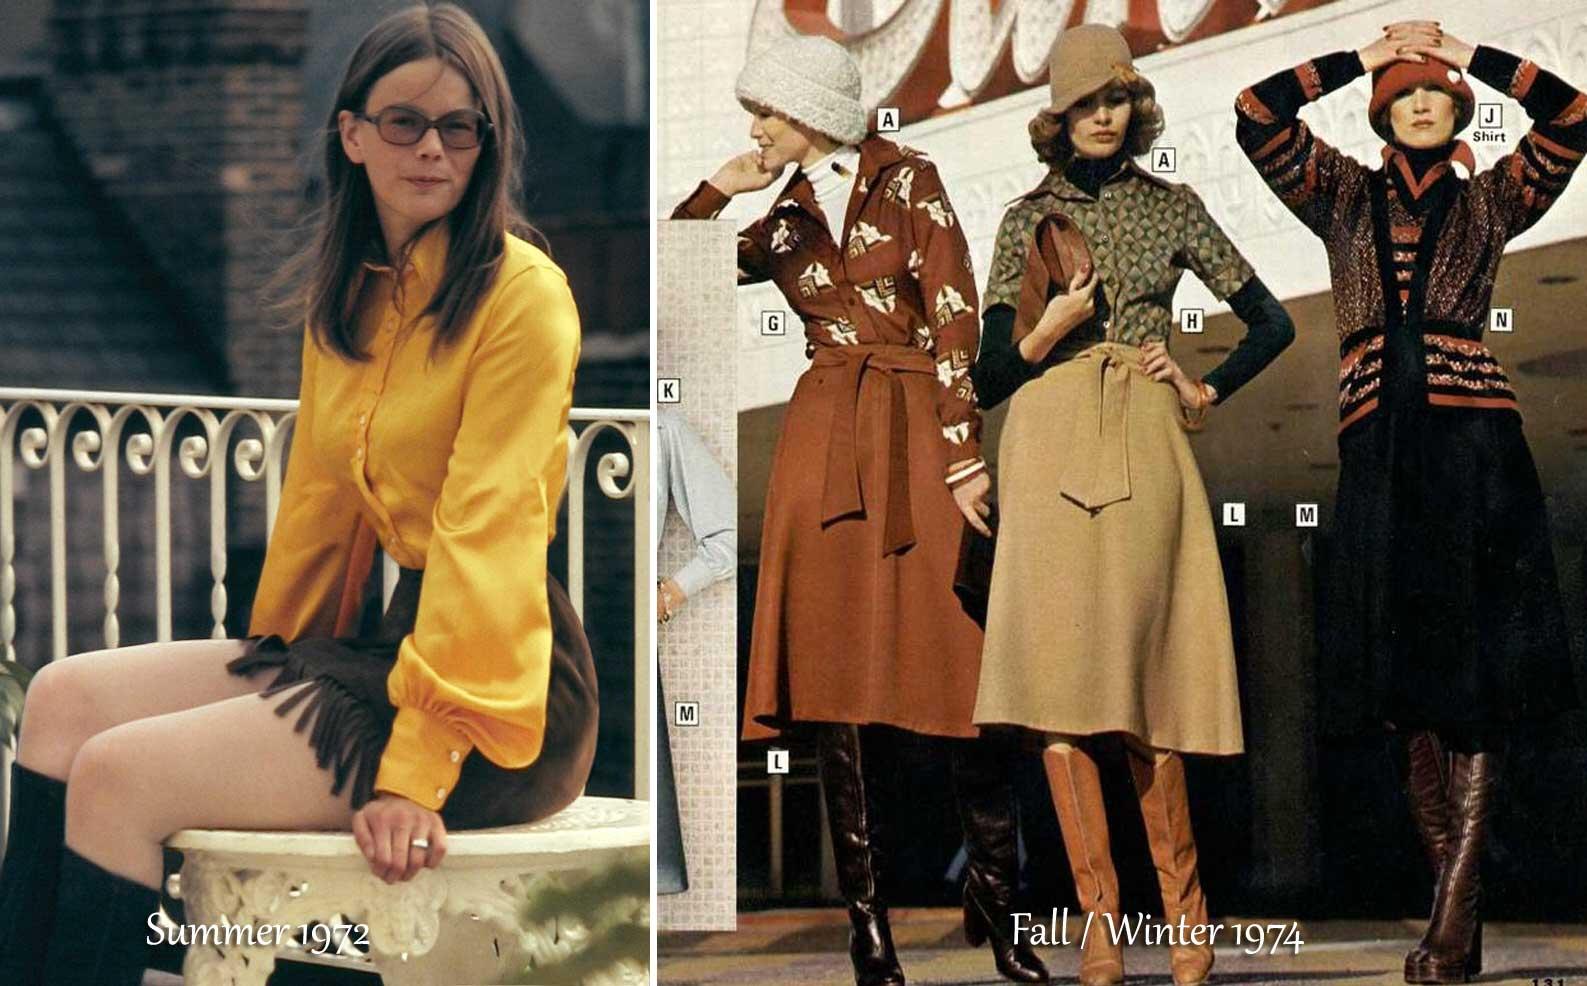 That 70s Show Retro Fashion Nostalgia In 2015 Glamourdaze